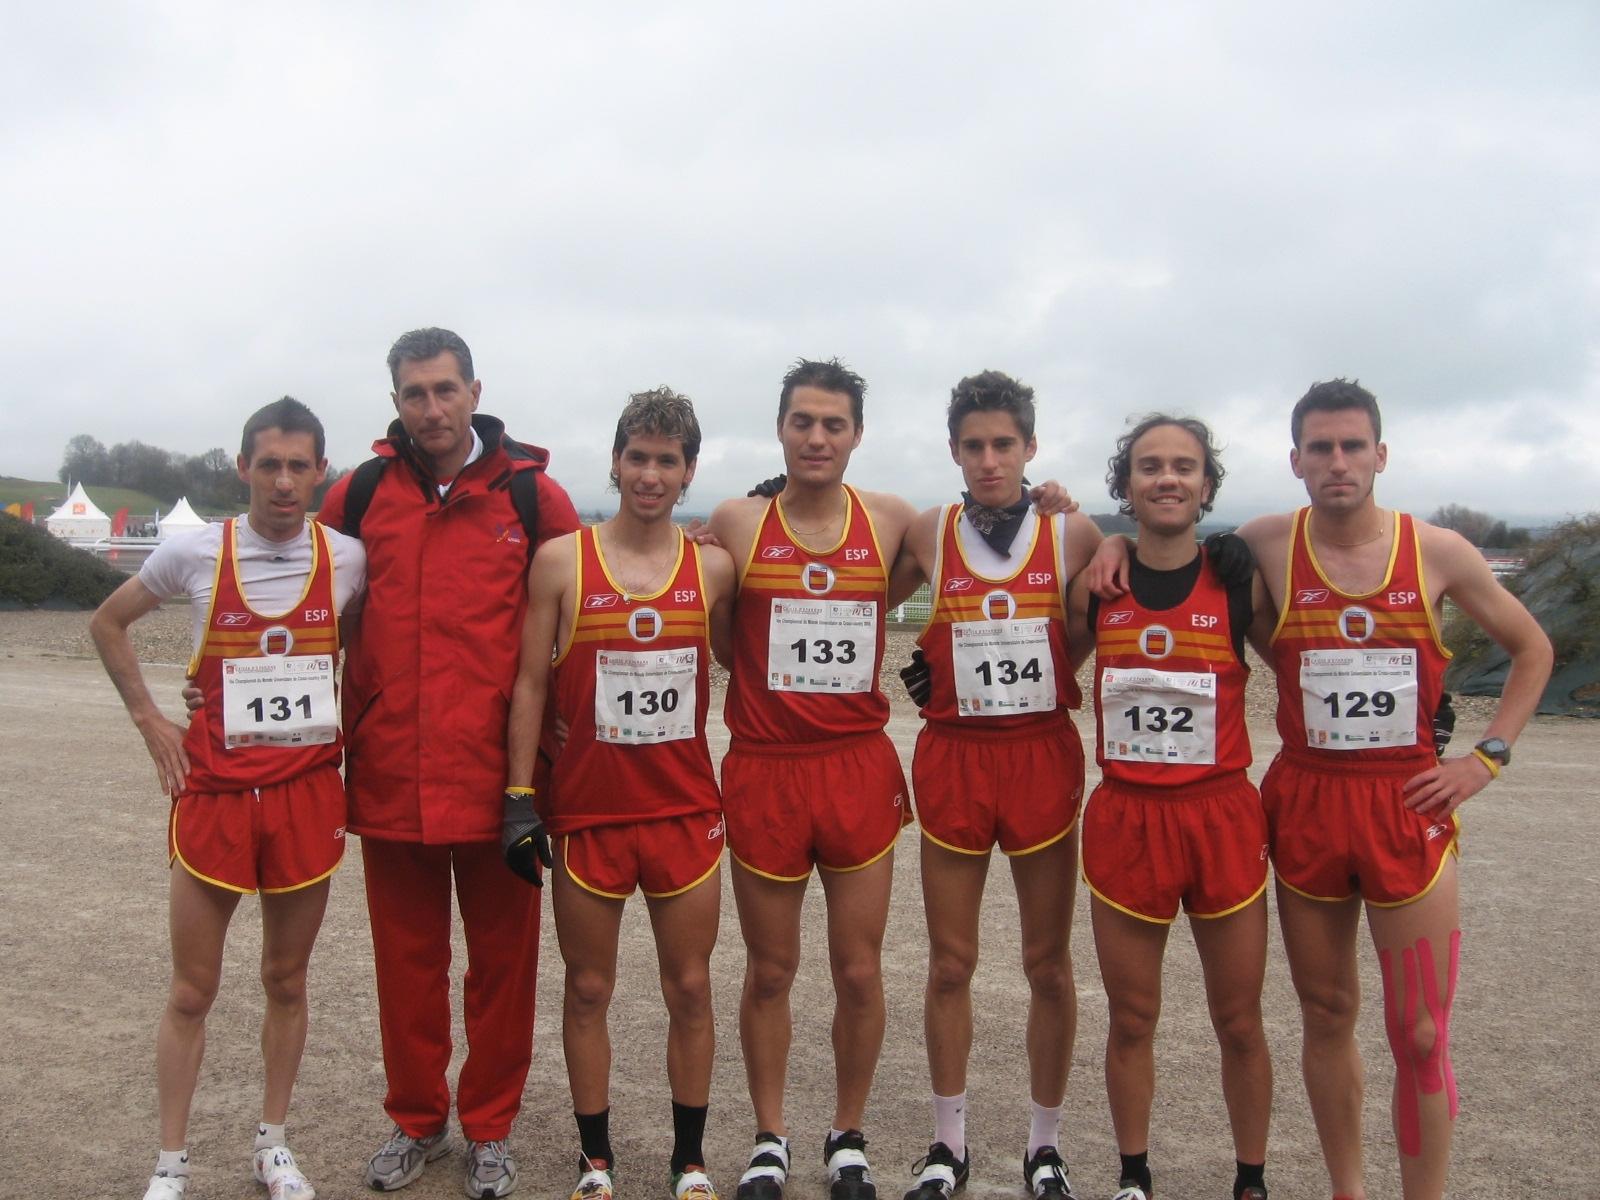 equipo masculino